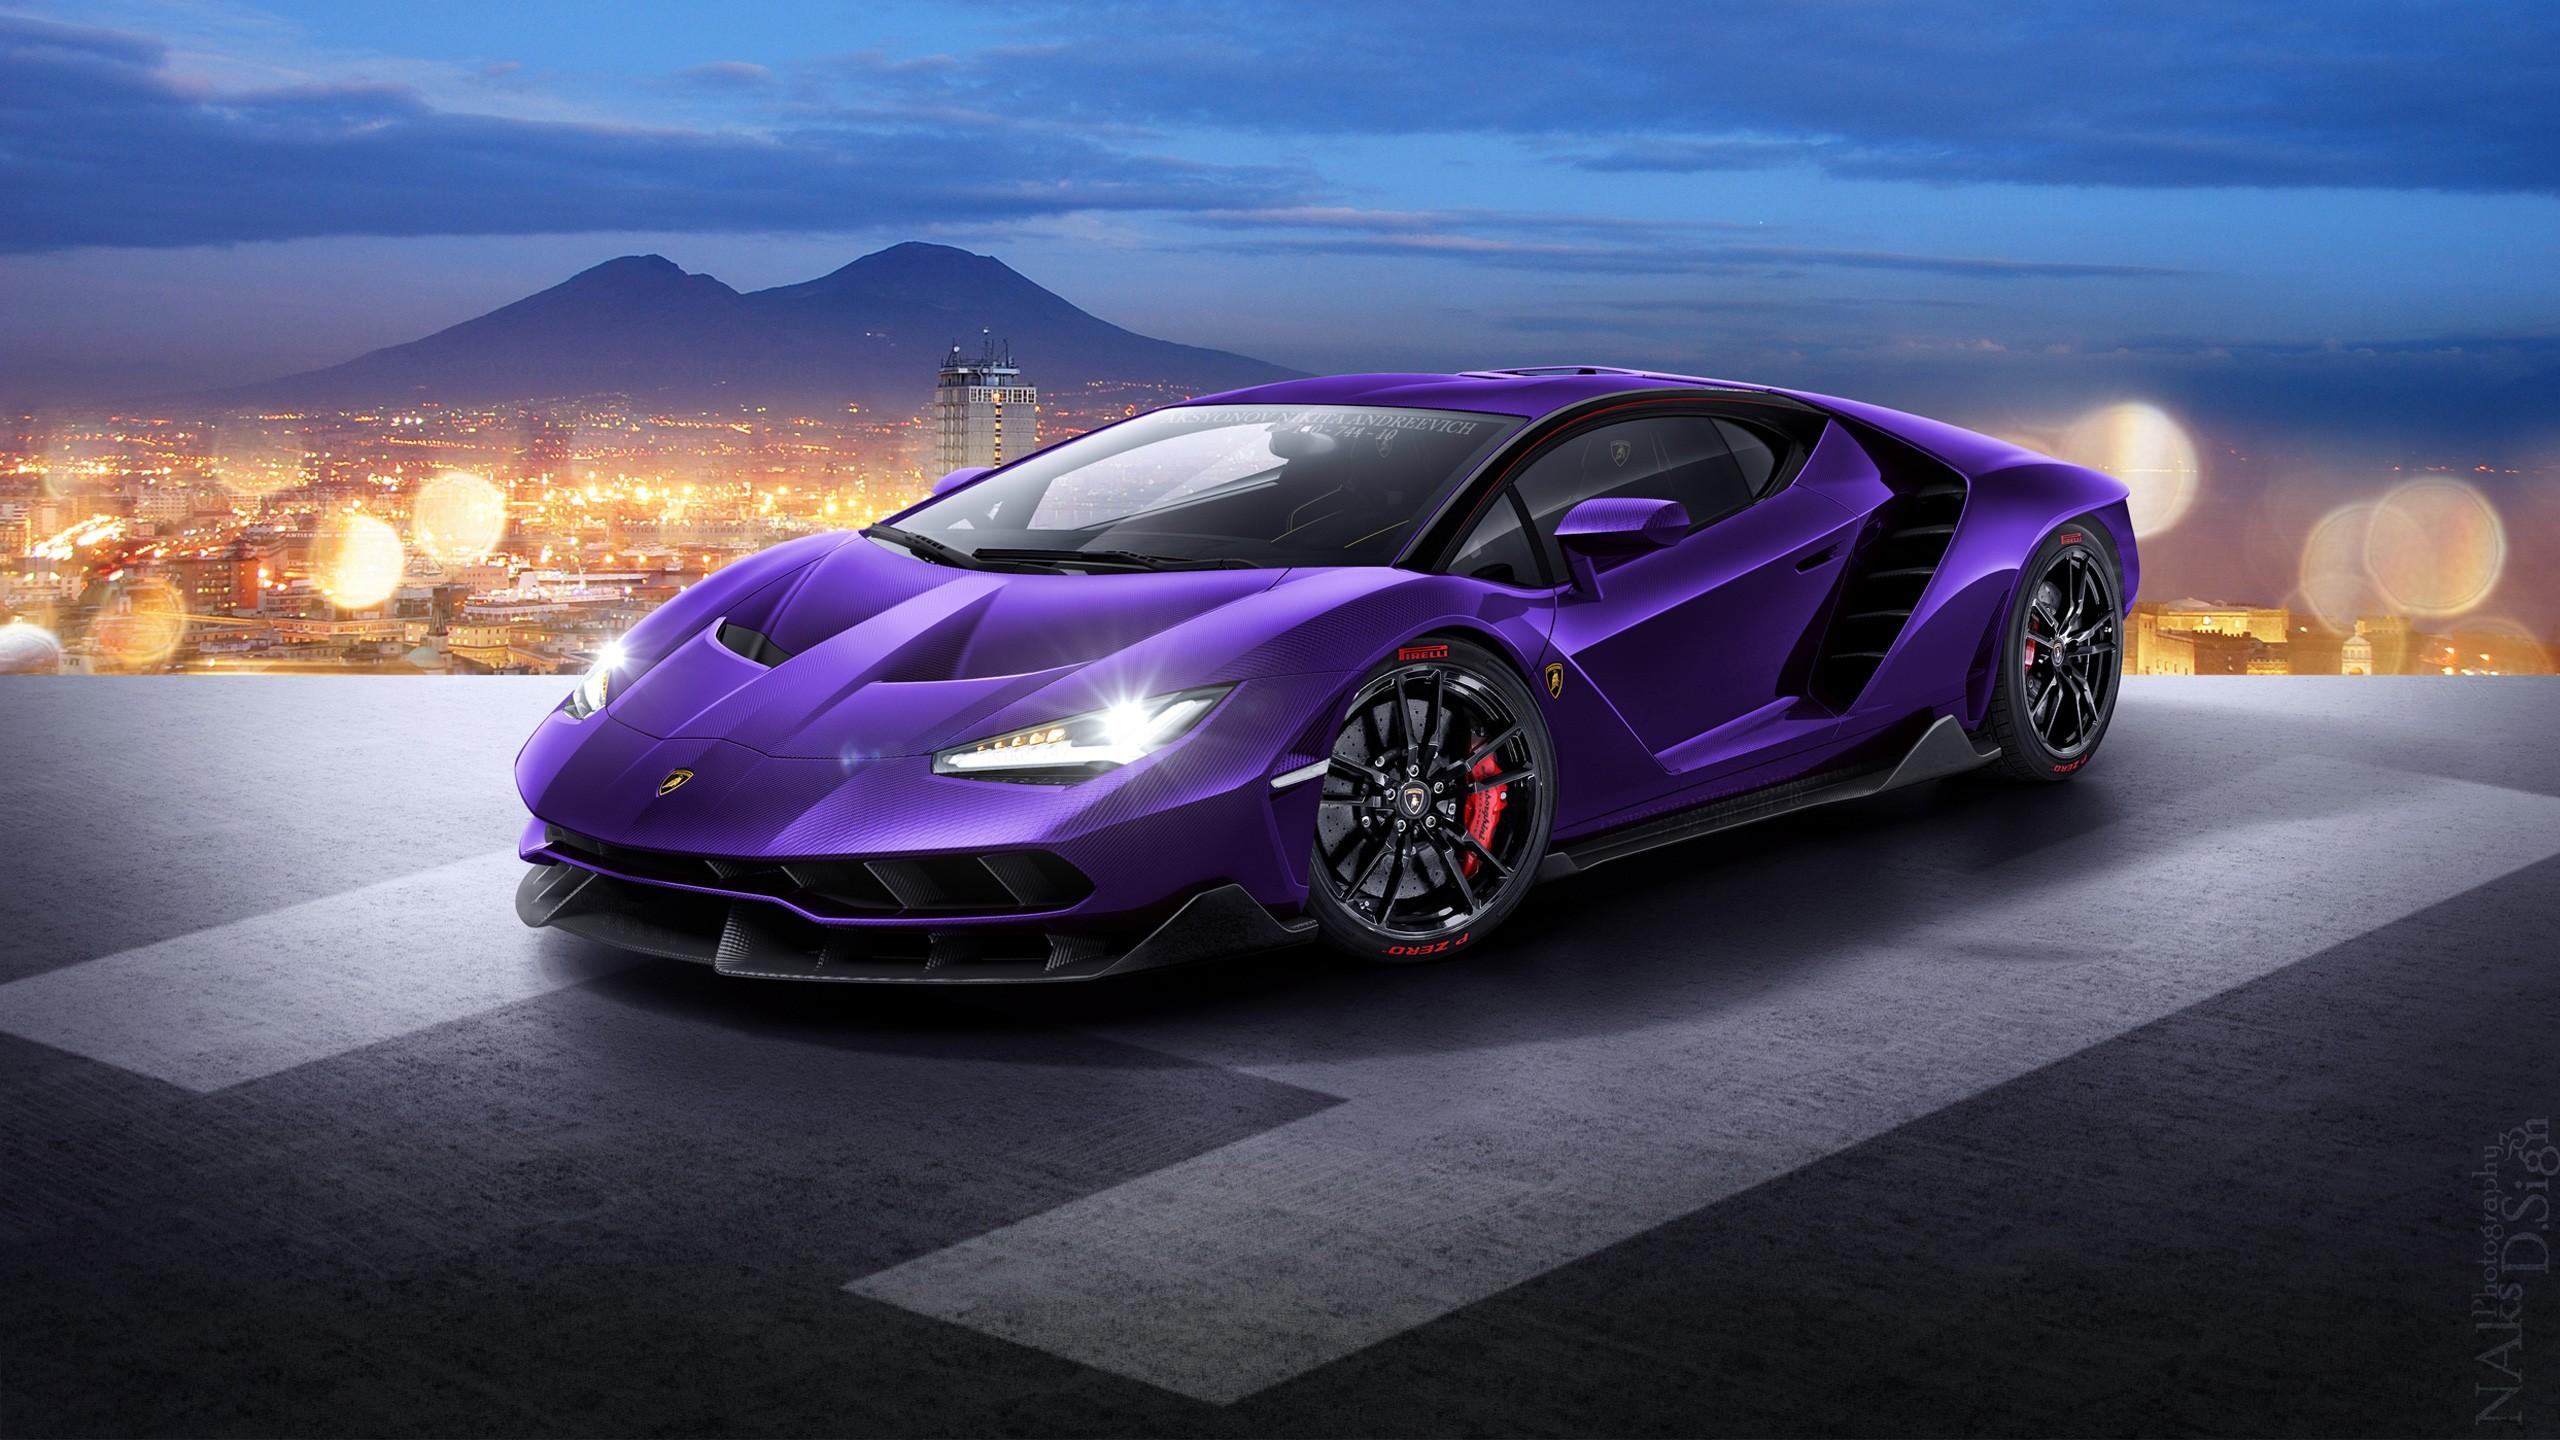 Lamborghini Centenario LP770 4 Wallpaper HD Car